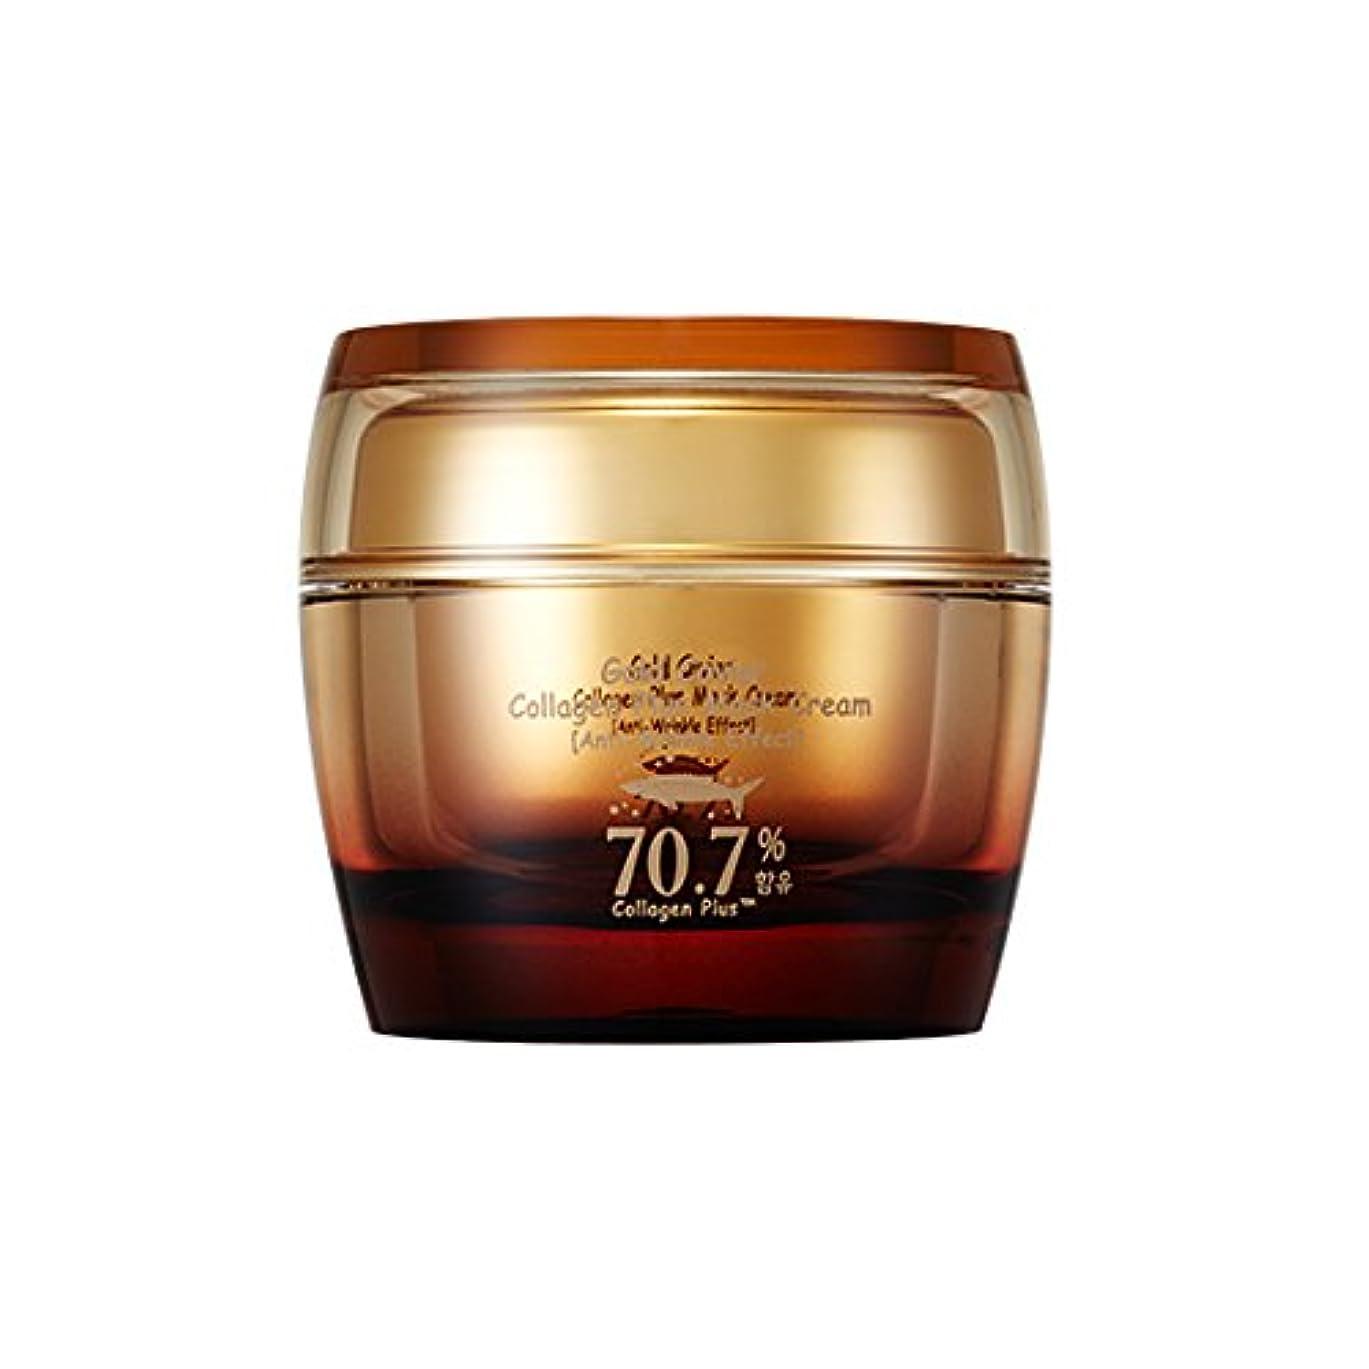 ホイットニー笑い代わってSkinfood ゴールドキャビアコラーゲンプラスクリーム(しわ防止効果) / Gold Caviar Collagen Plus Cream (Anti-Wrinkle Effect) 50g [並行輸入品]